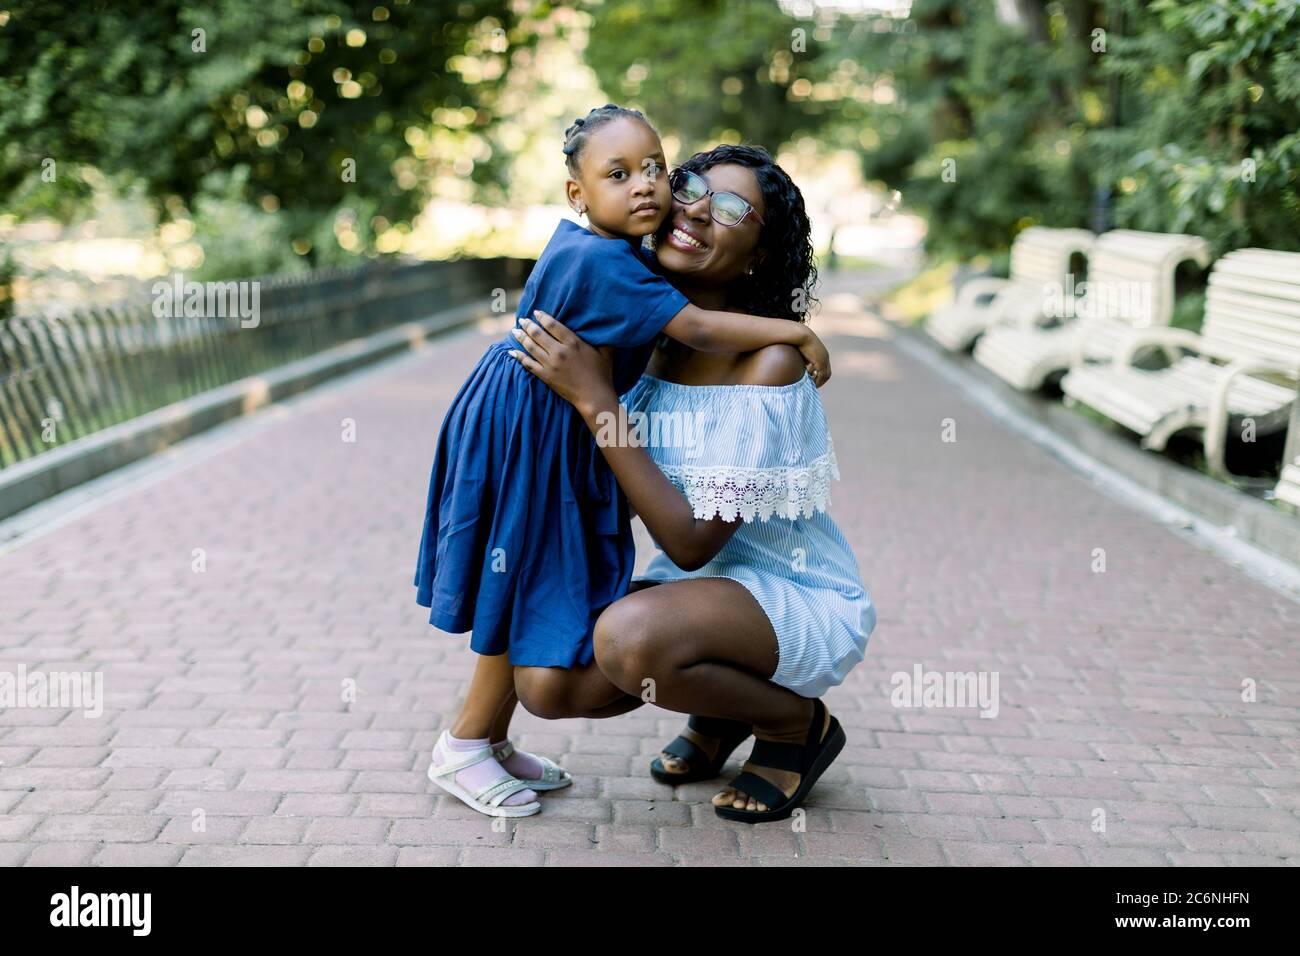 Retrato de una joven y sonriente madre africana feliz abrazando a su hija pequeña con ternura y amor en el parque. Madre y. Foto de stock